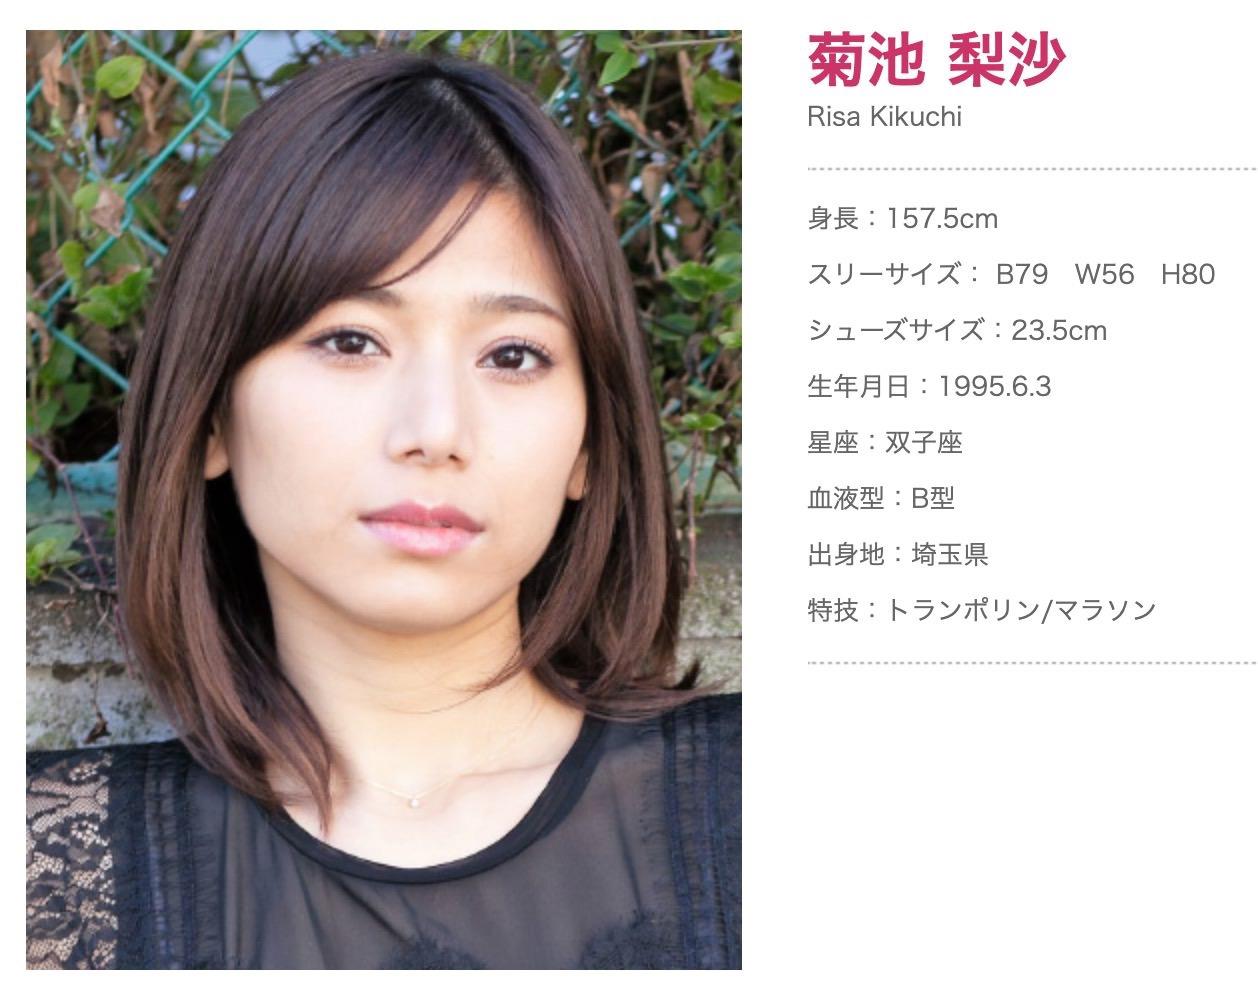 「TOKIO」城島茂、グラドル菊池梨沙と結婚を発表